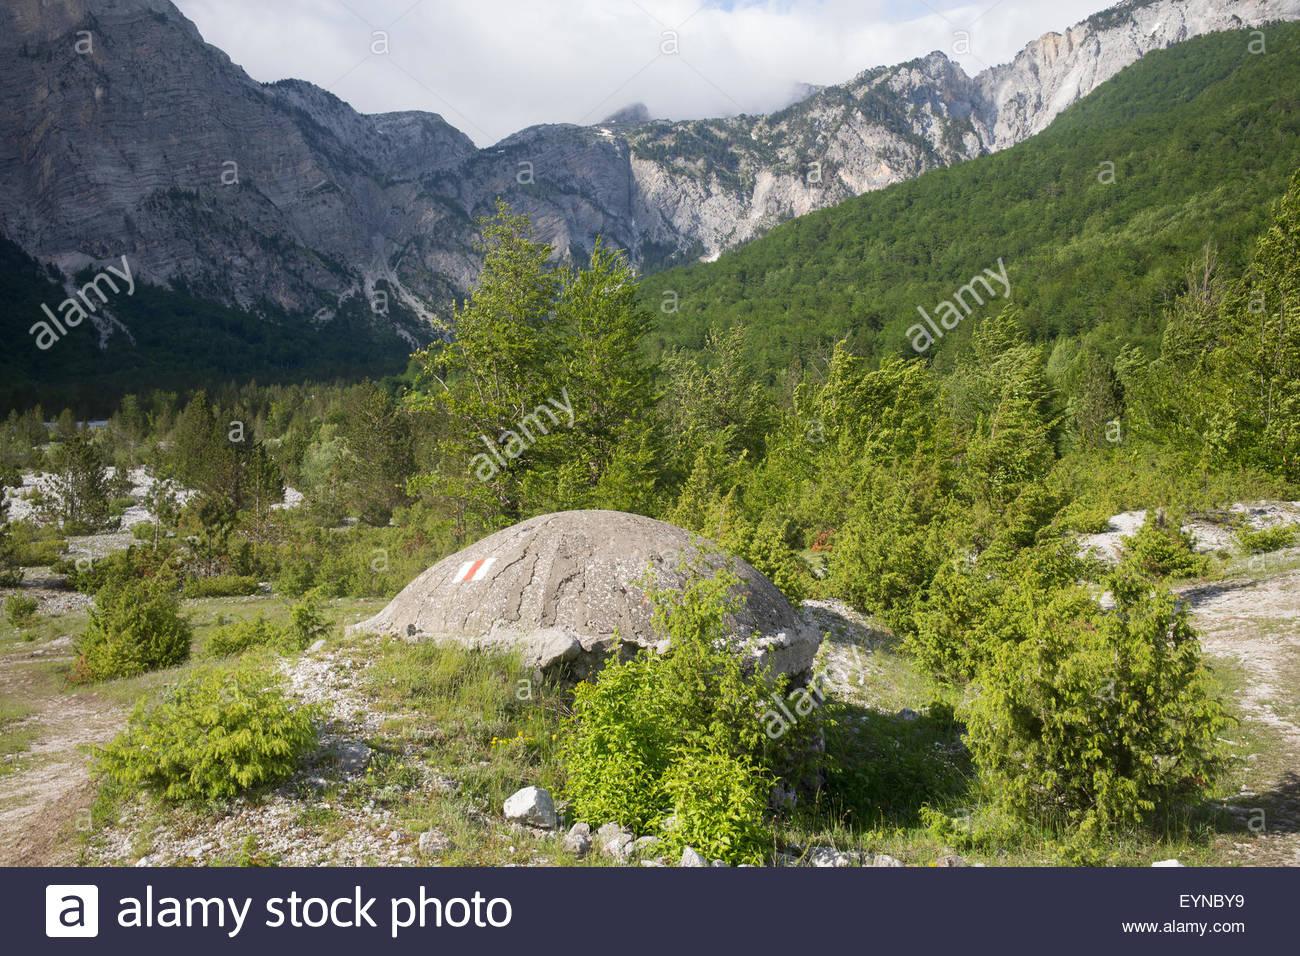 bunker, Prokletije Mountains, Albania - Stock Image